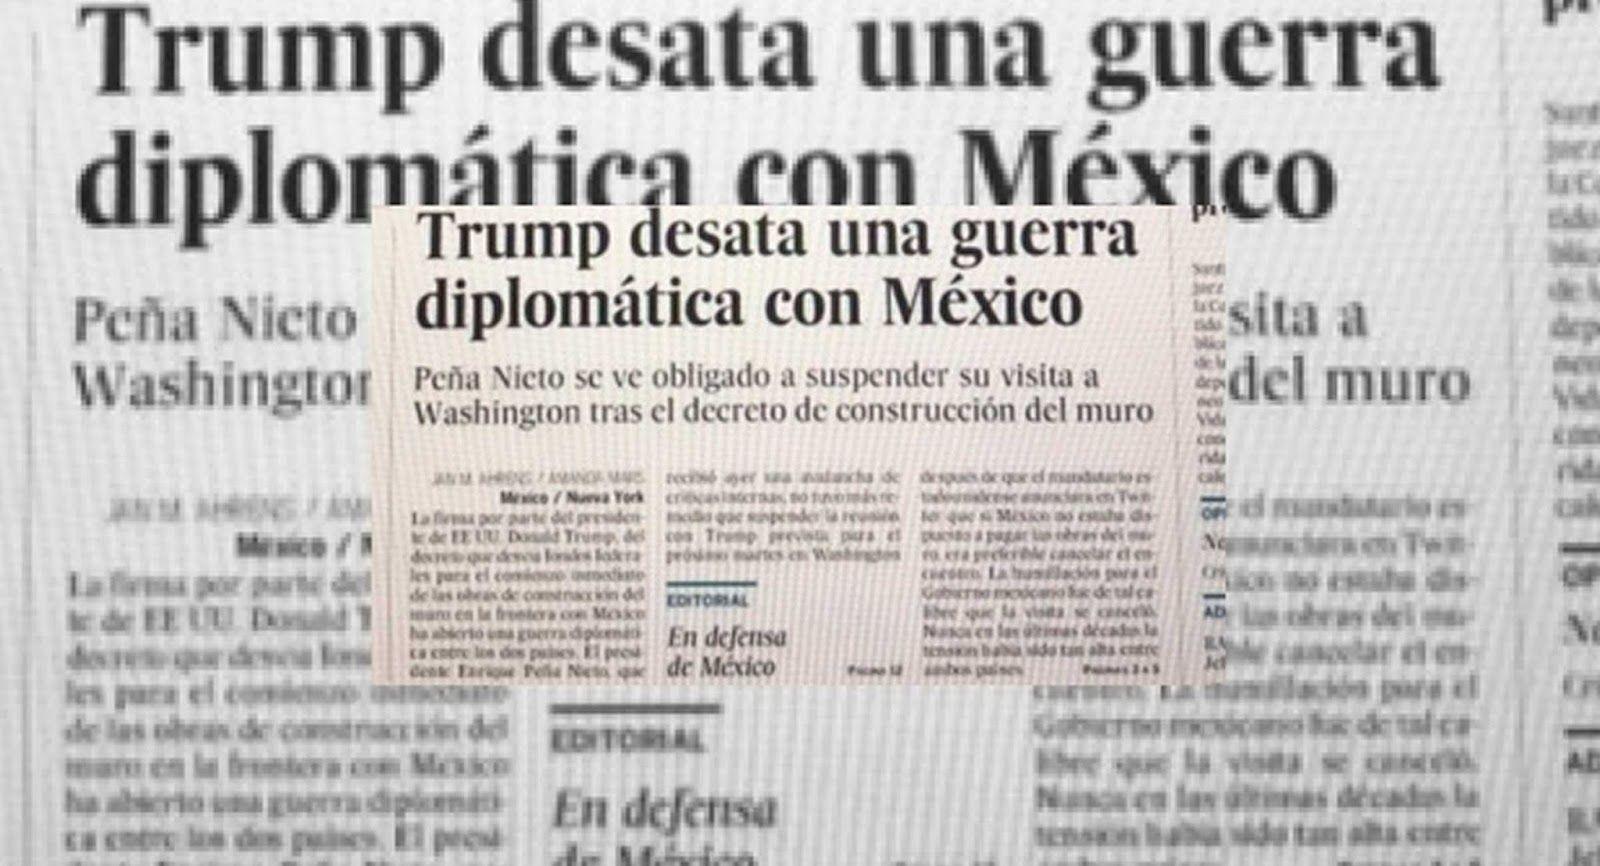 """Esta mañana el diario español El País salió en """"defensa de México"""", luego de conocerse las polémicas declaraciones de Donald Trump y la cancelación de una reunión en territorio norteamericano por parte del presidente Enrique Peña Nieto."""